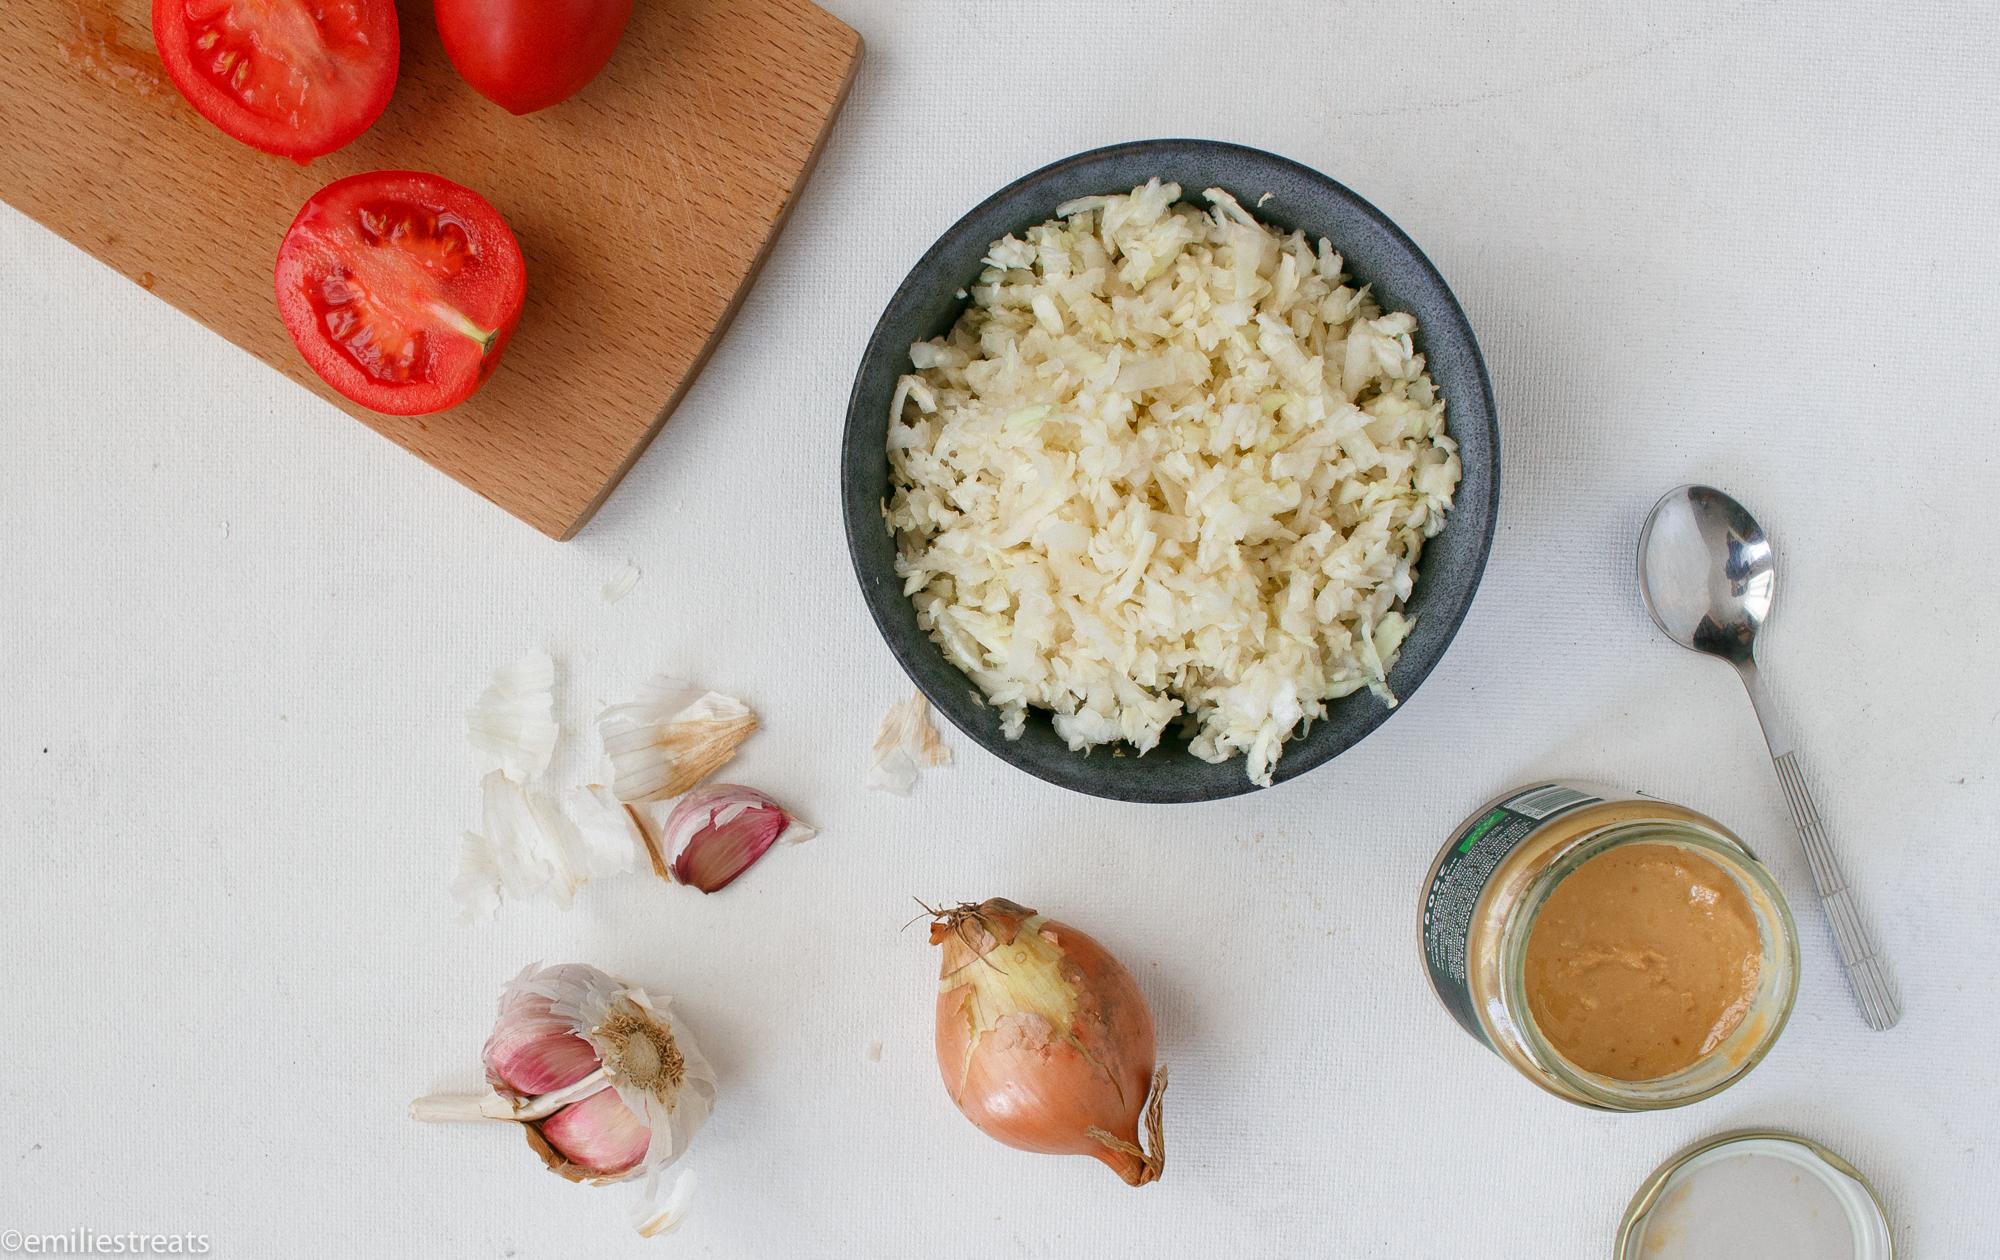 Schnelle Weißkohlpfanne mit Erdnuss: Ein Rezept aus Afrika